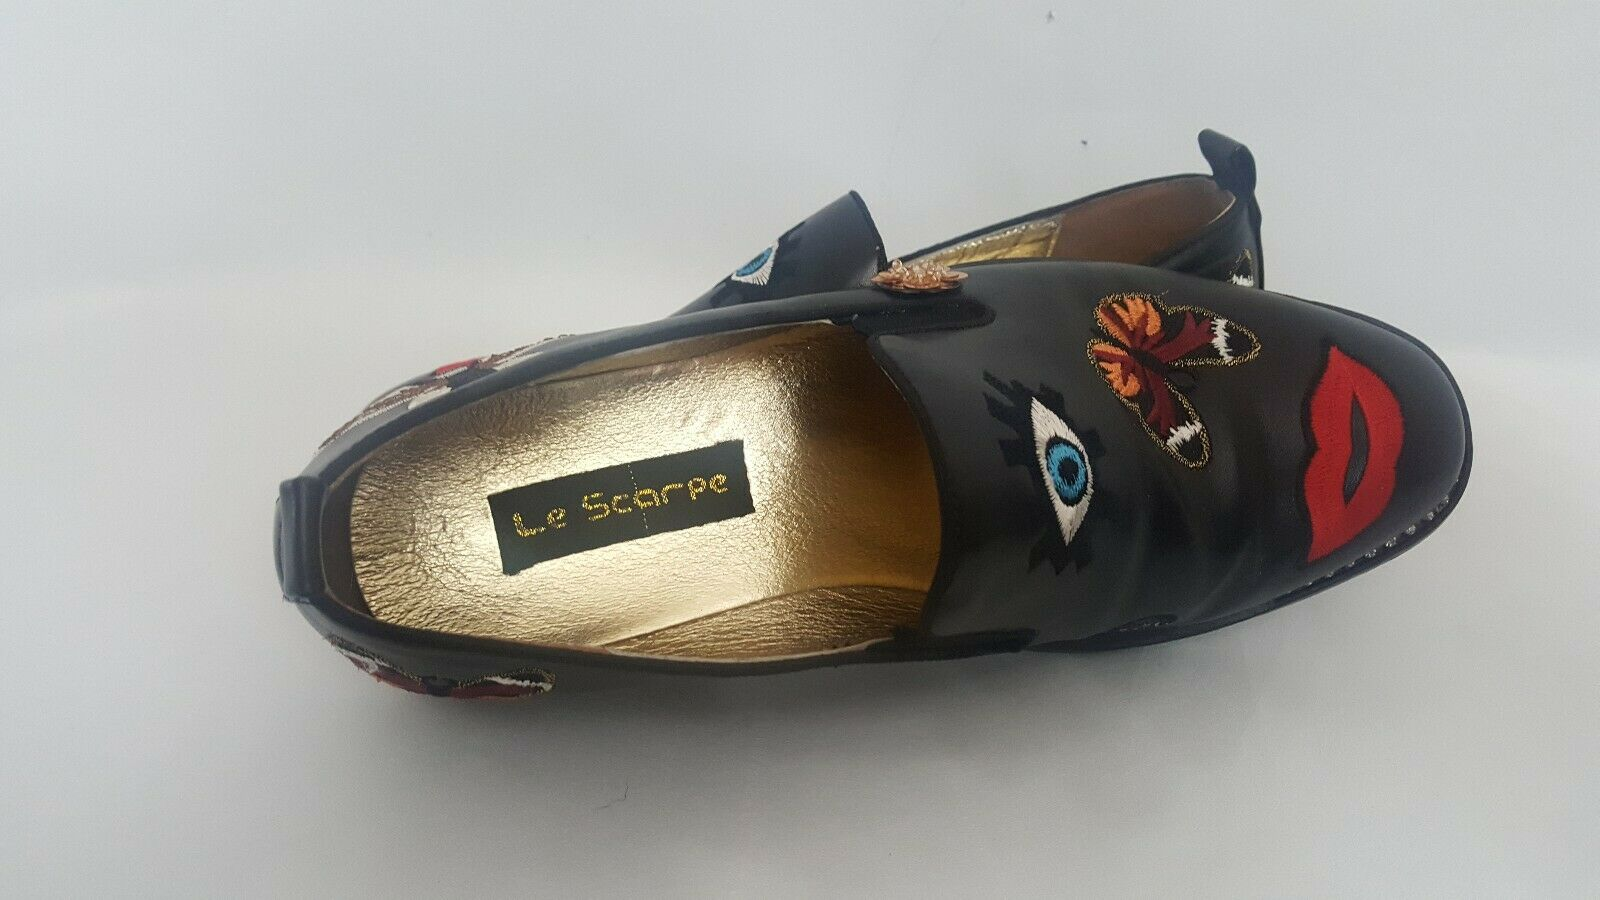 Le shoes Ladies shoes shoes shoes Size Uk 5 Eu 38  US 7 7553e7